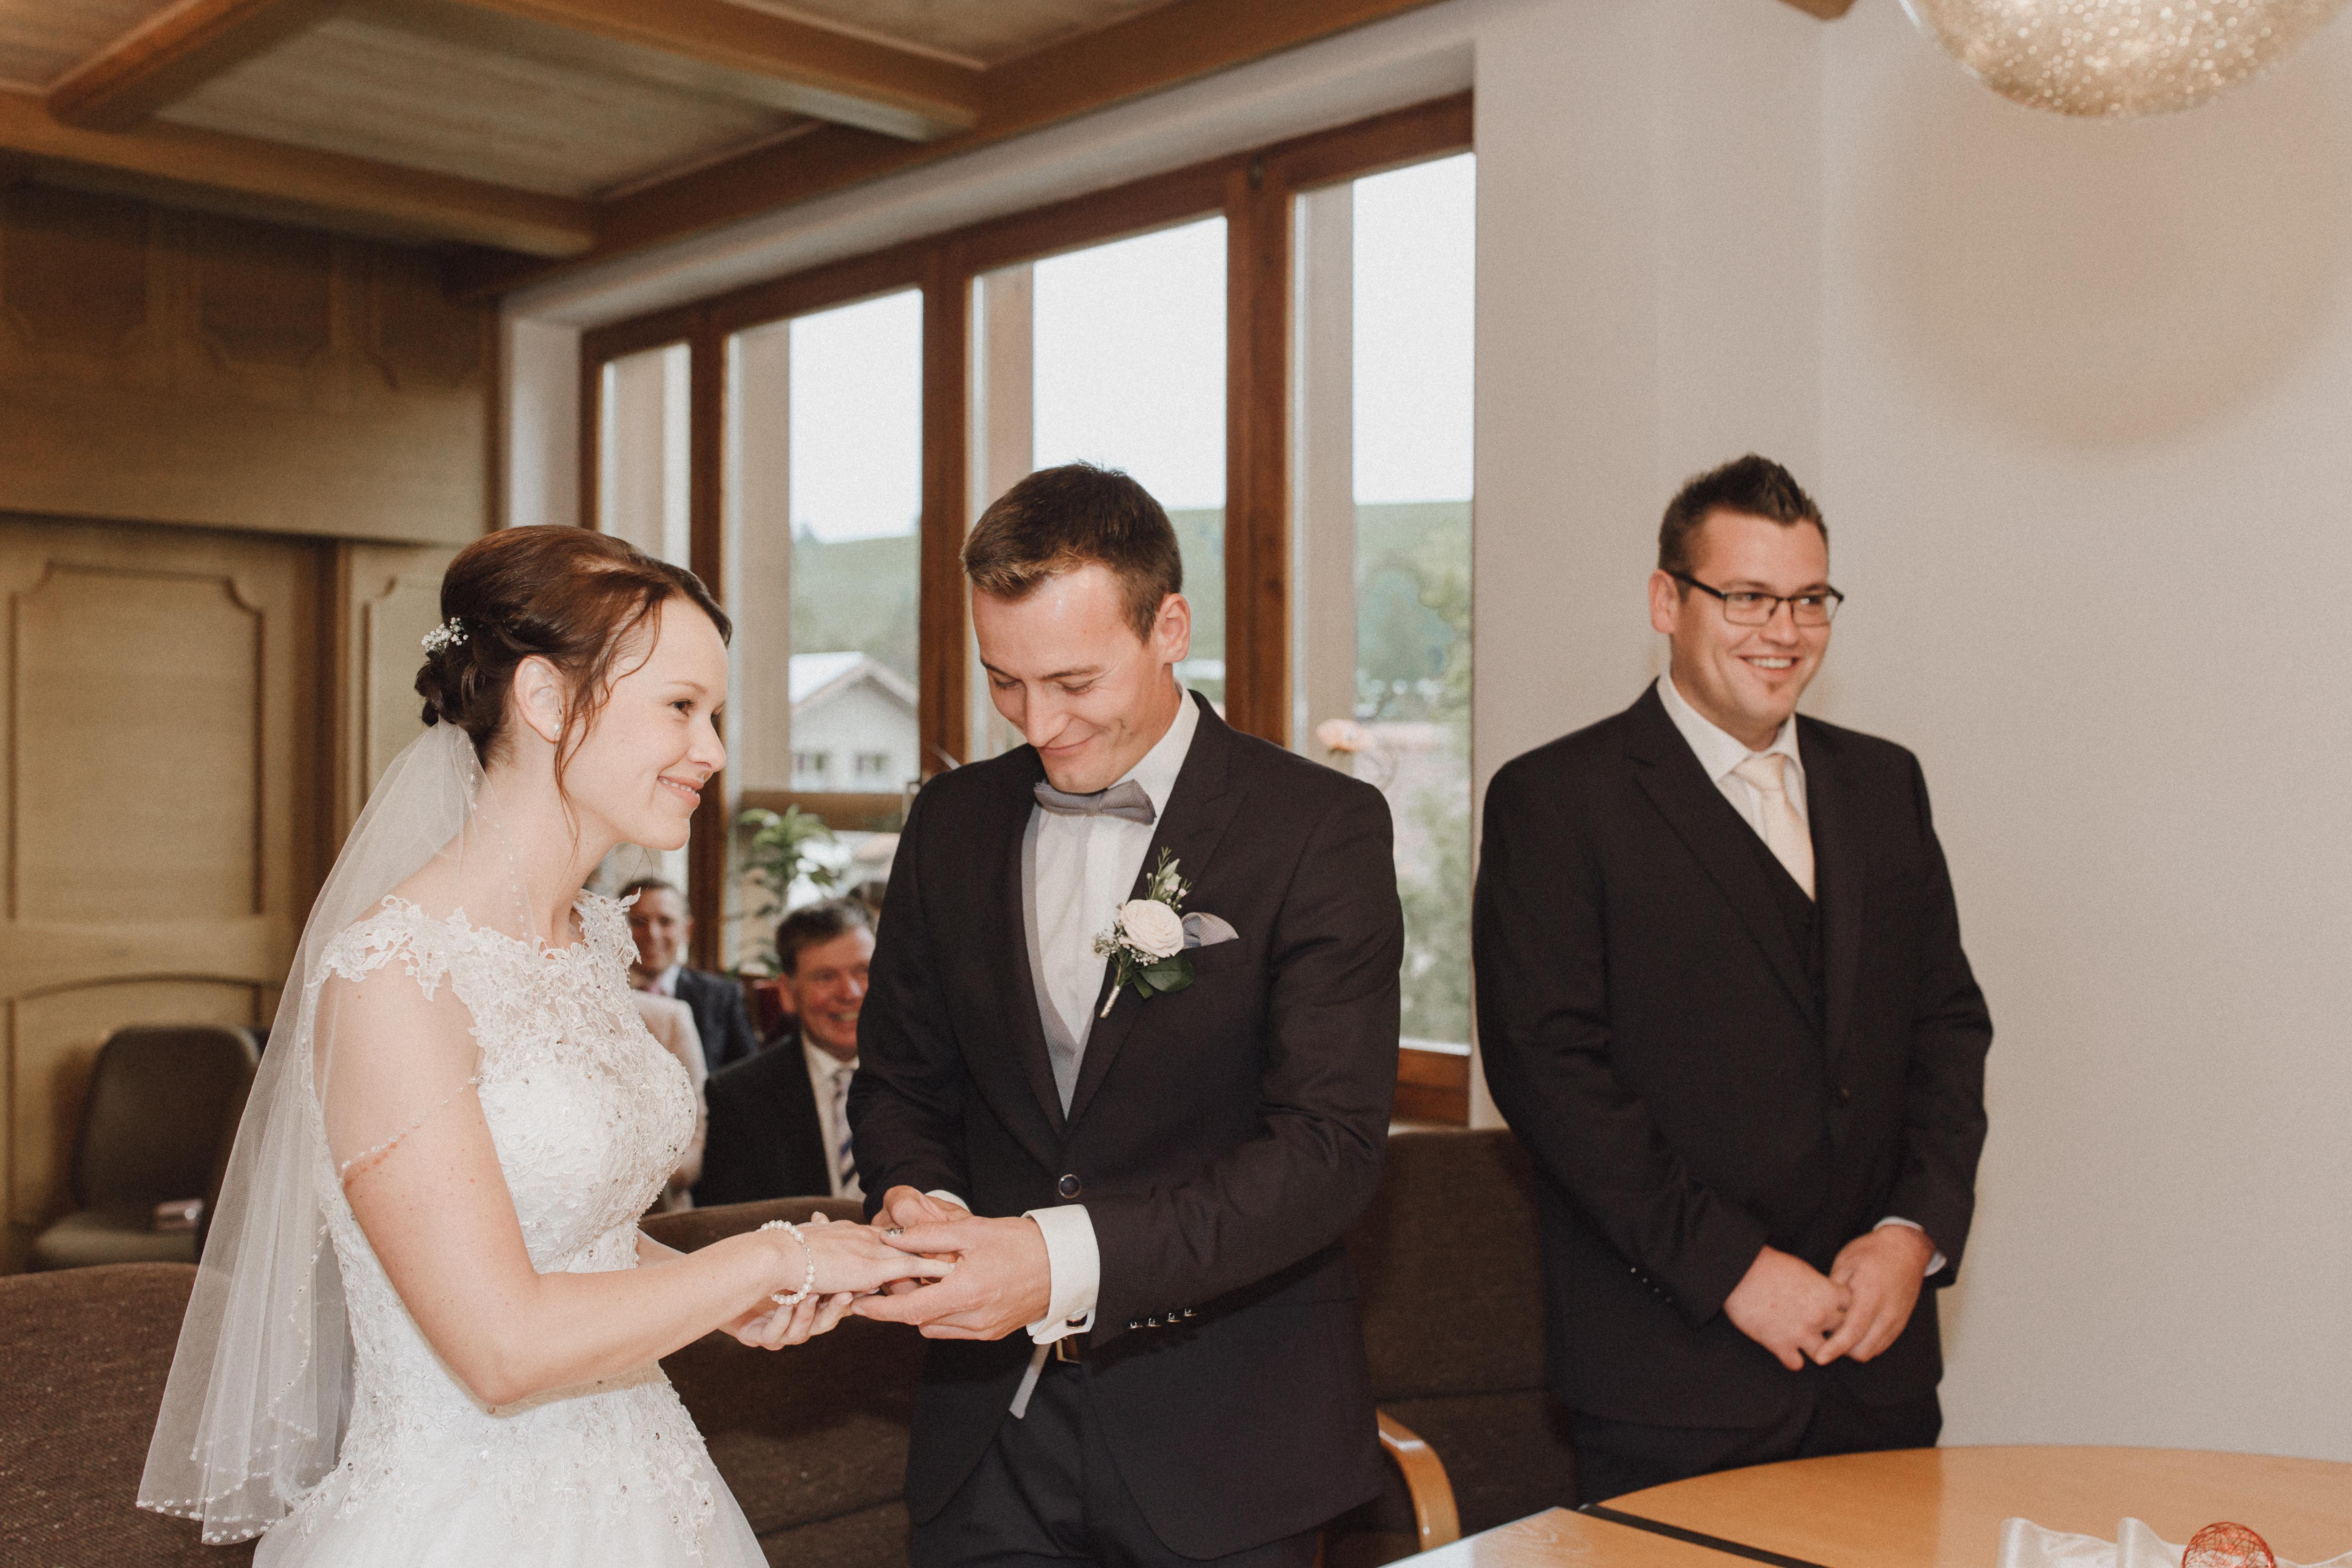 URBANERIE_Daniela_Goth_Hochzeitsfotografin_Nürnberg_Fürth_Erlangen_Schwabach_170909_0041